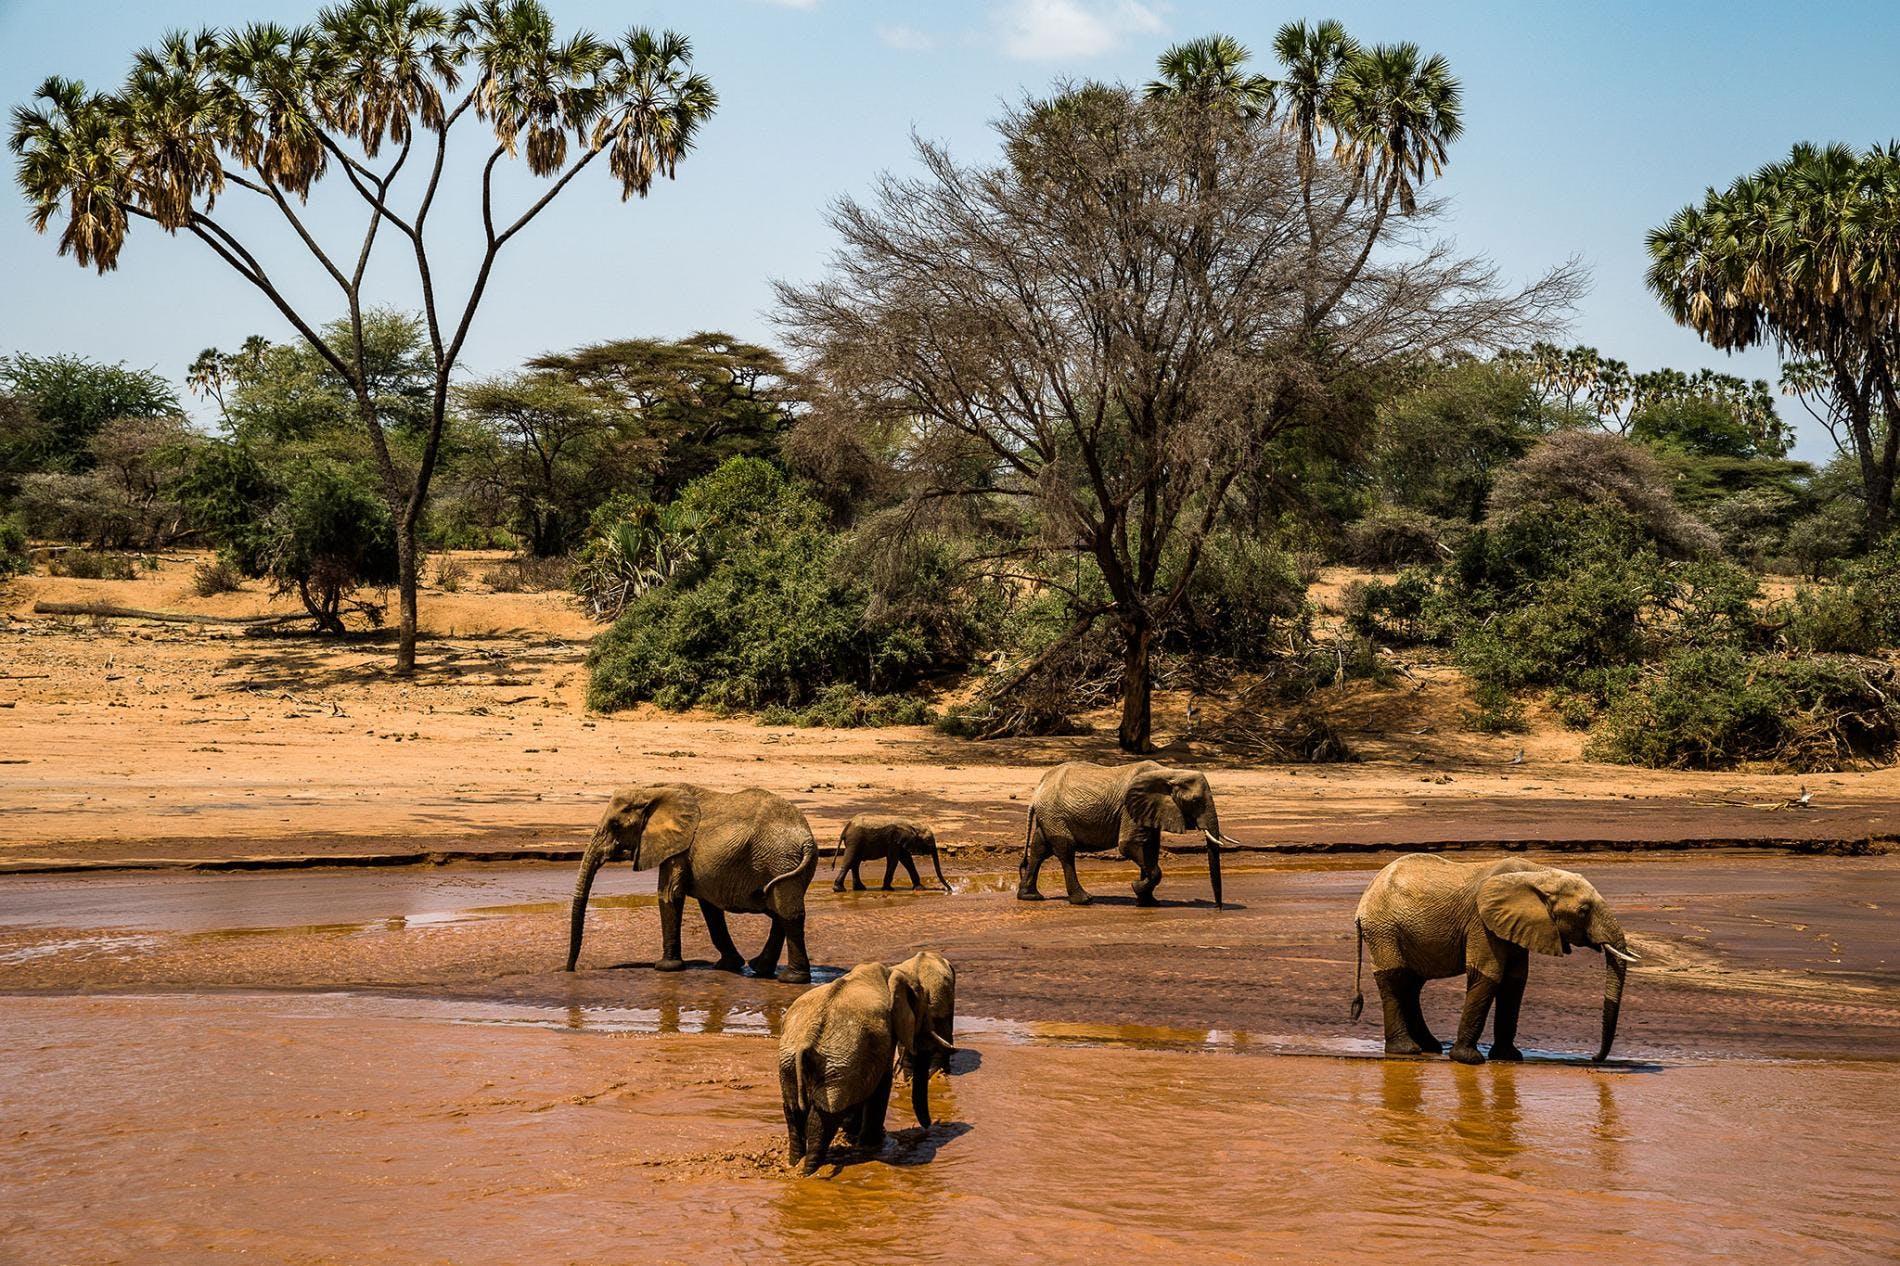 How Tourism Helps Elephants—and People—Make a Home